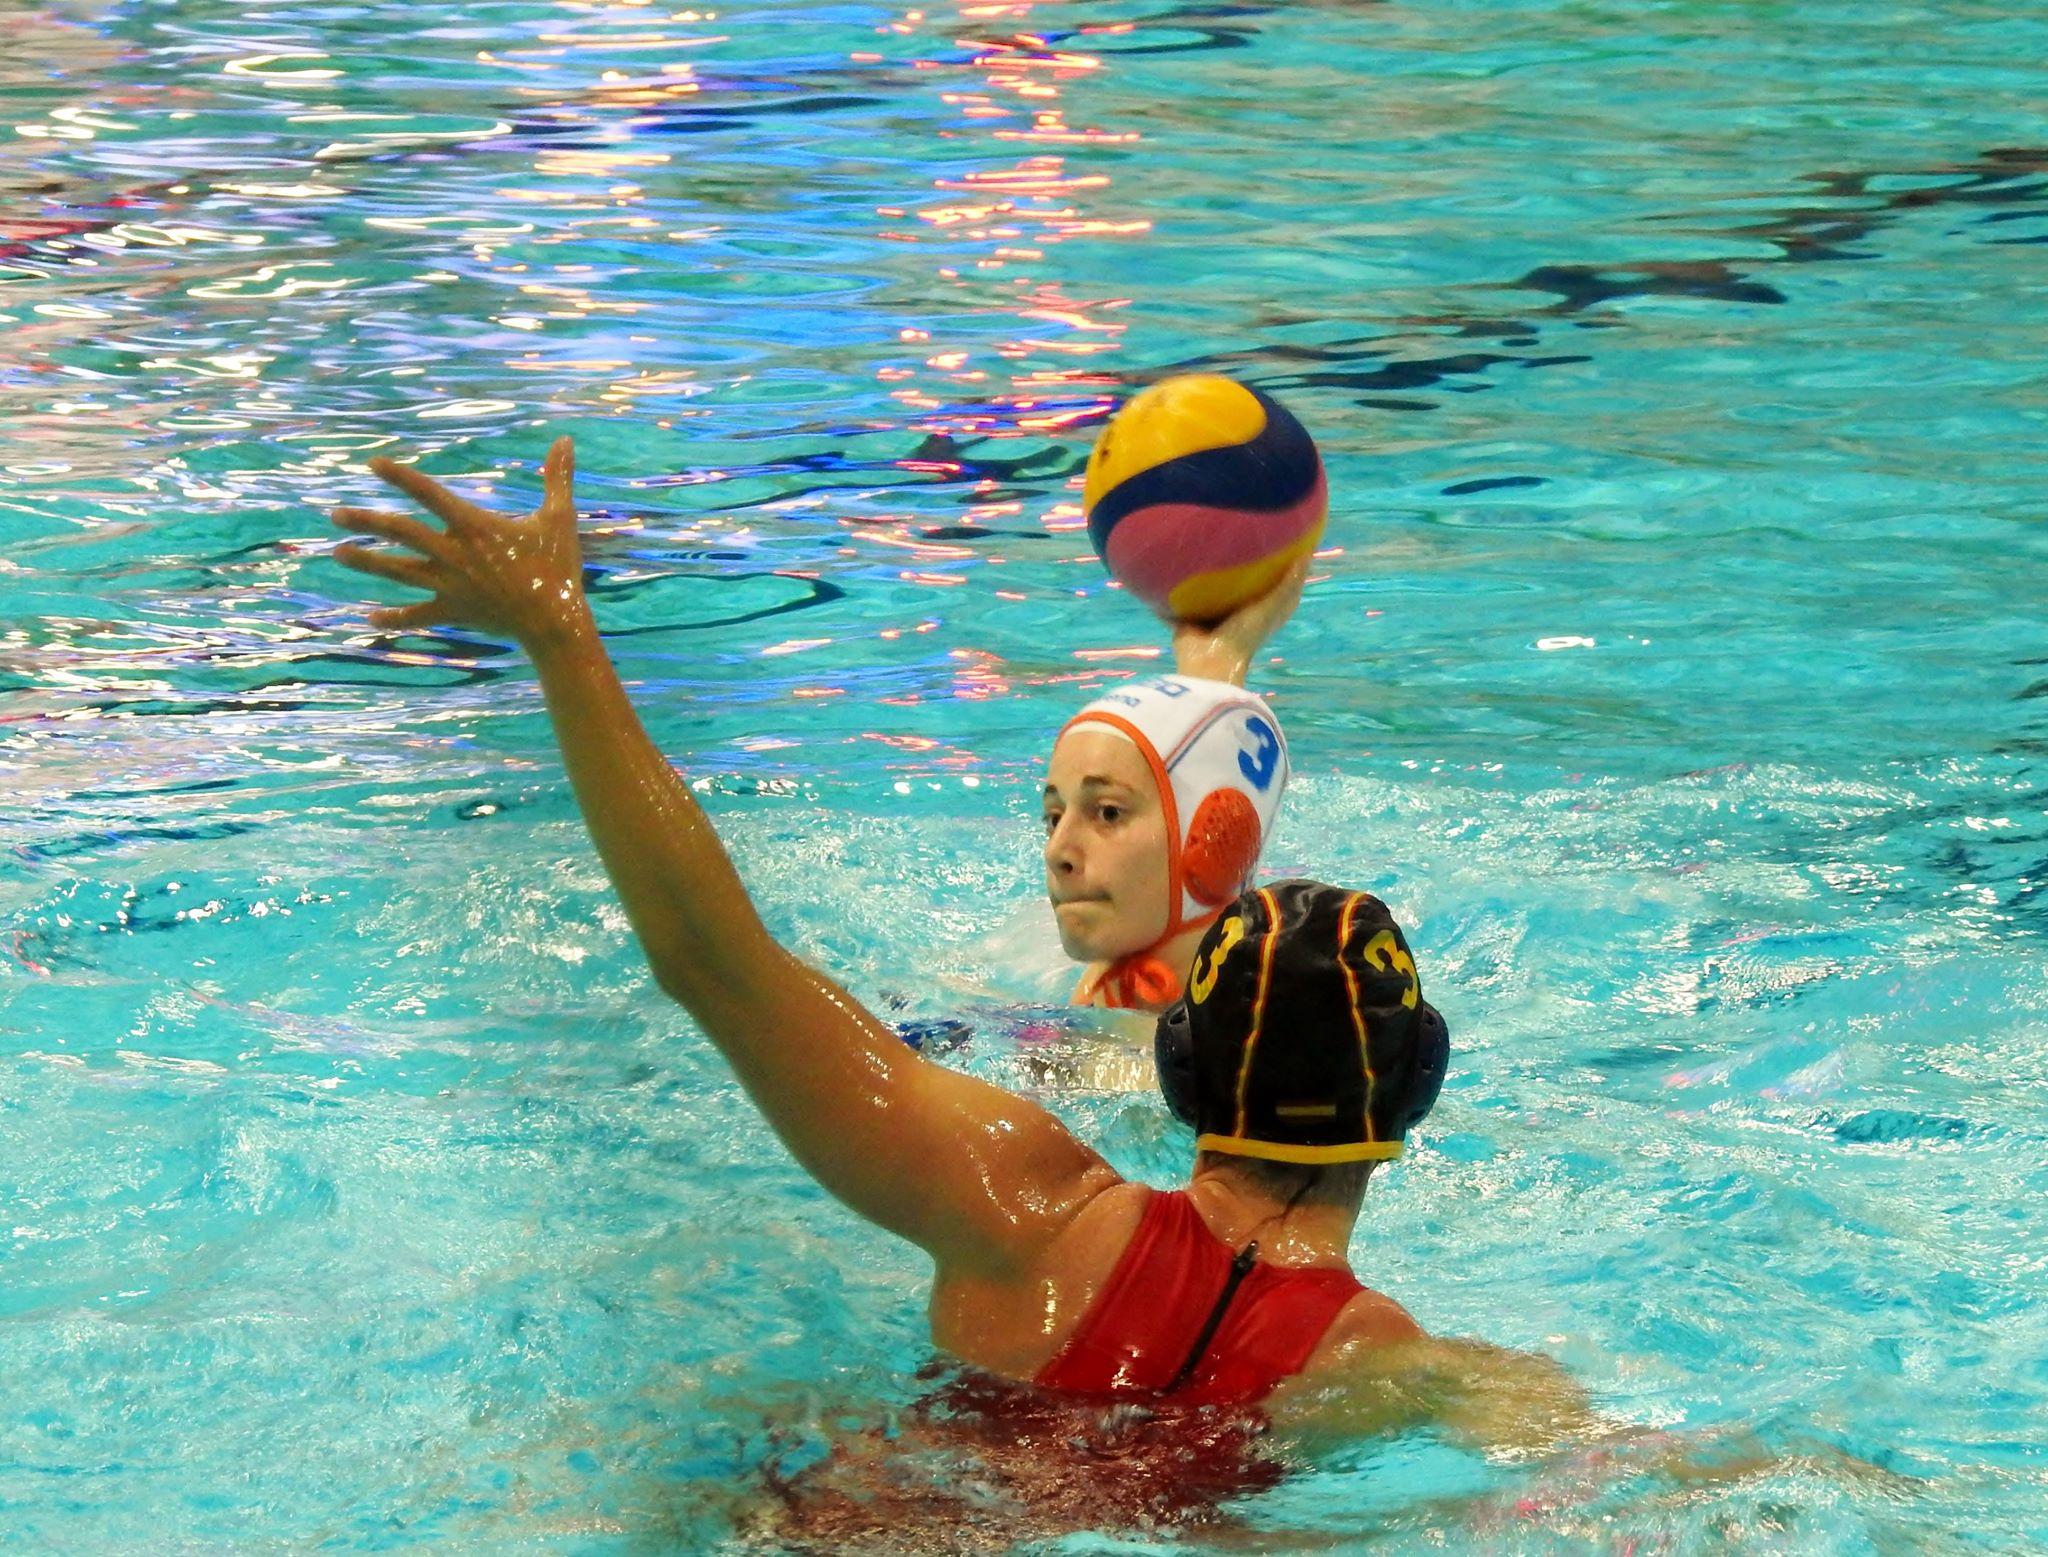 Zwembad De Peppel : Zwembad de peppel kleurt oranje ede